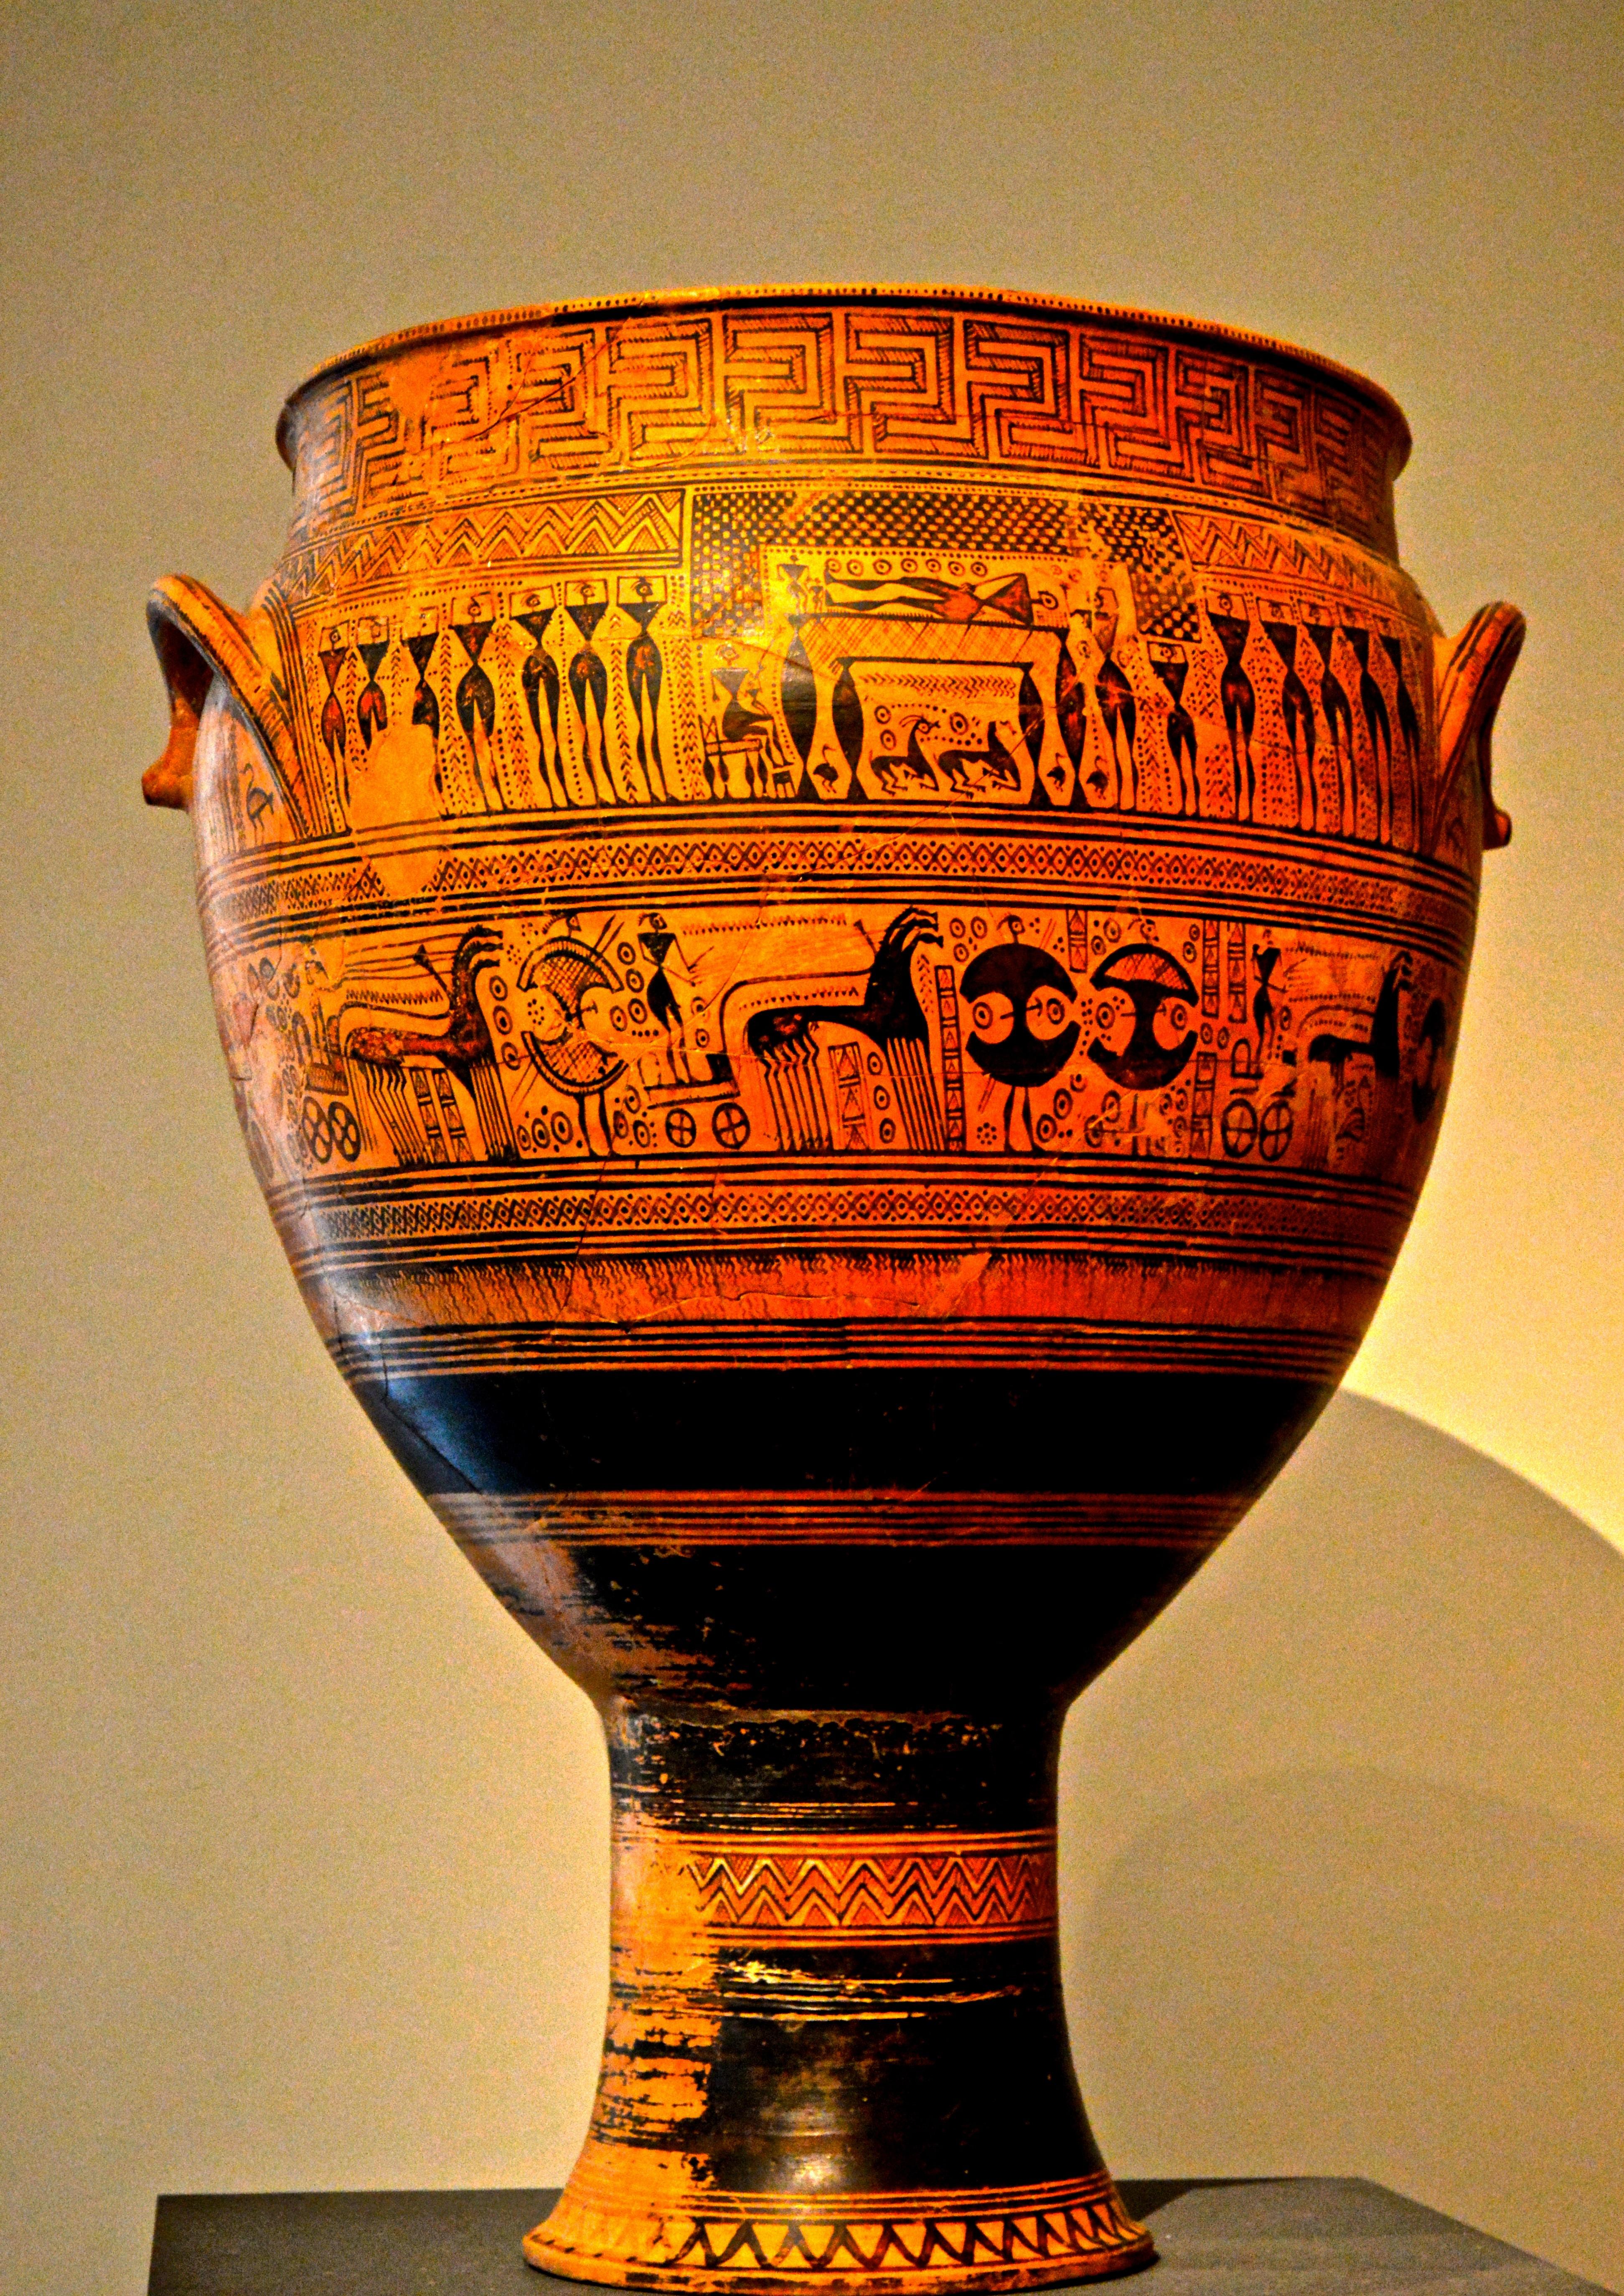 Free Images Vintage Antique Glass Old Rustic Vase